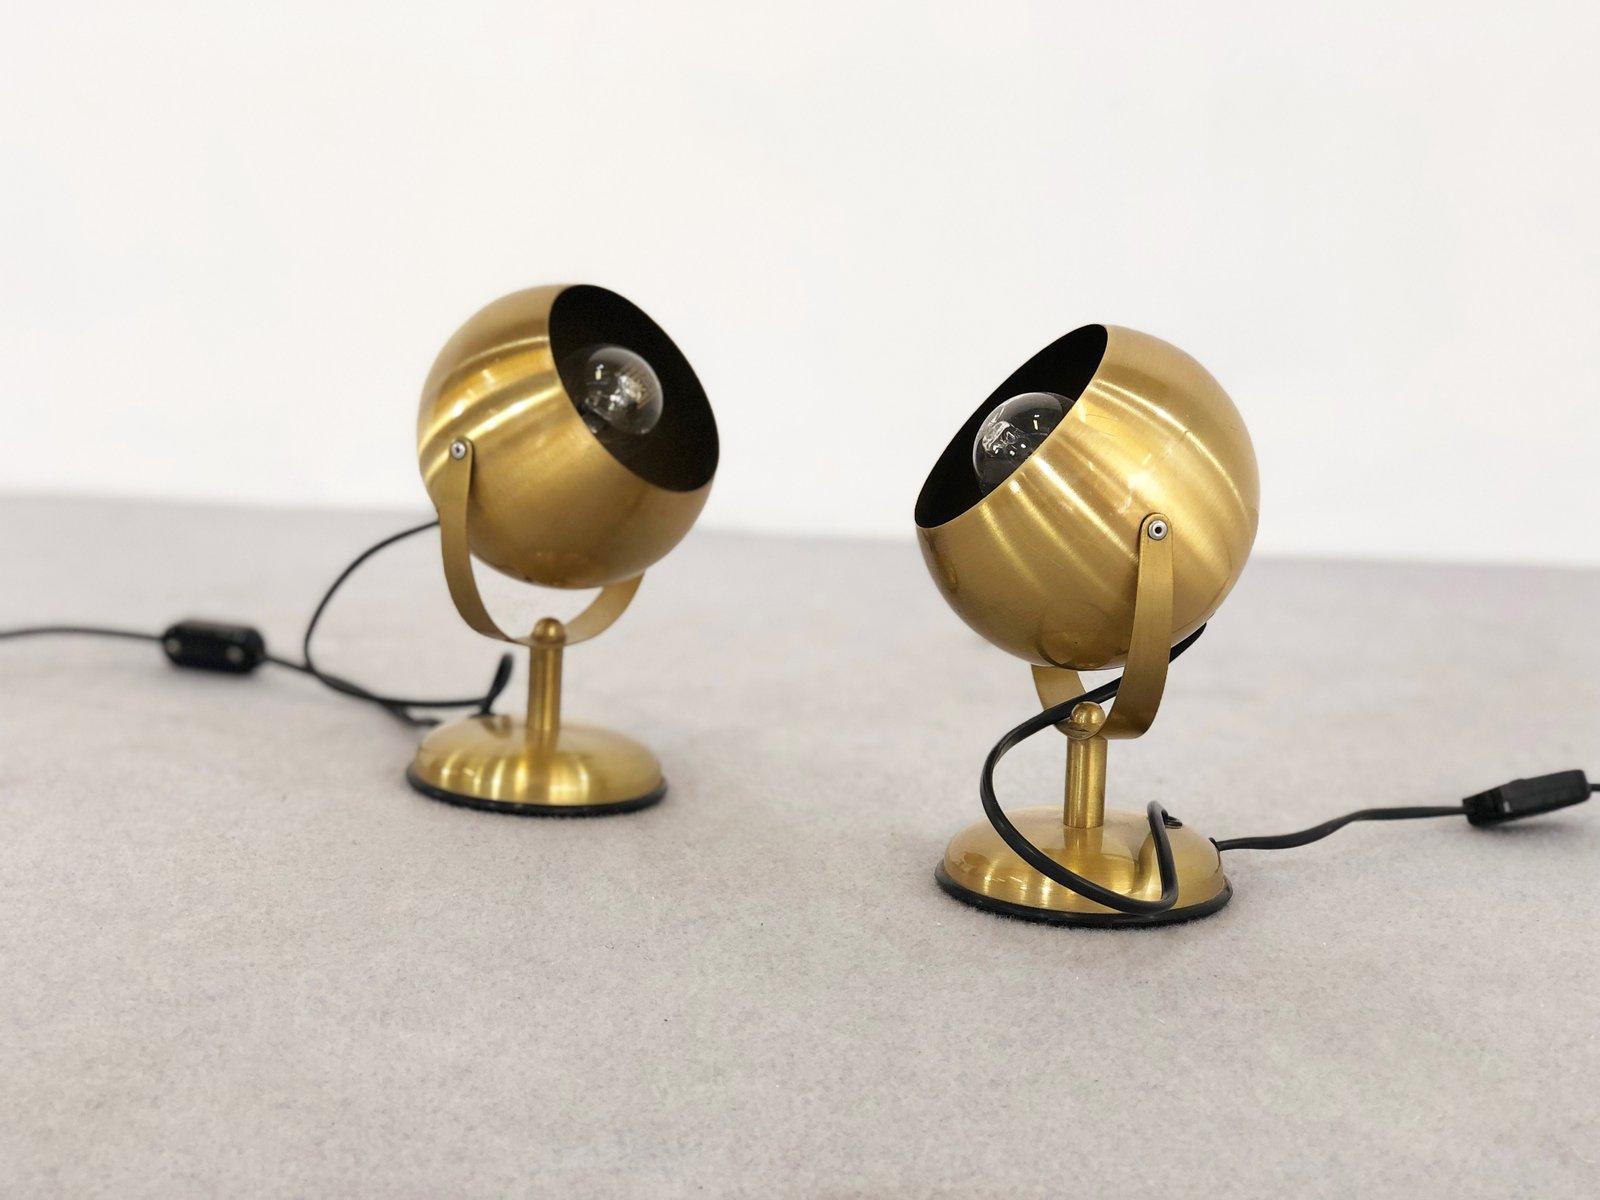 Space Age Vintage Tischlampen von Goffredo Reggiani, 2er Set